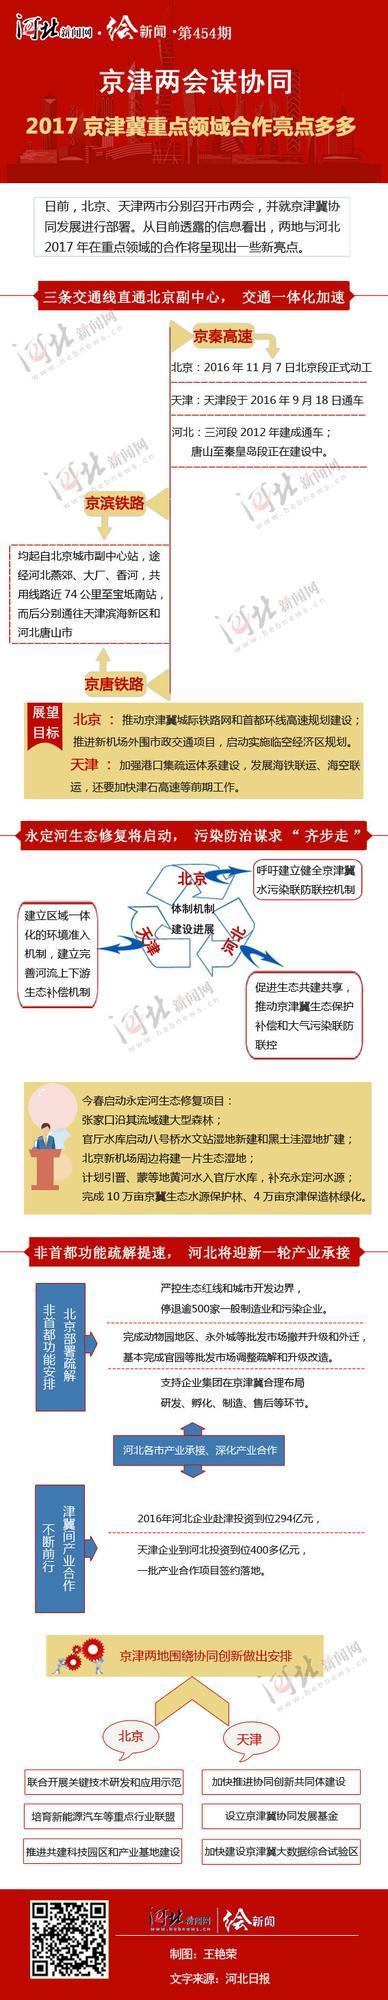 2017京津冀重点领域合作亮点多多